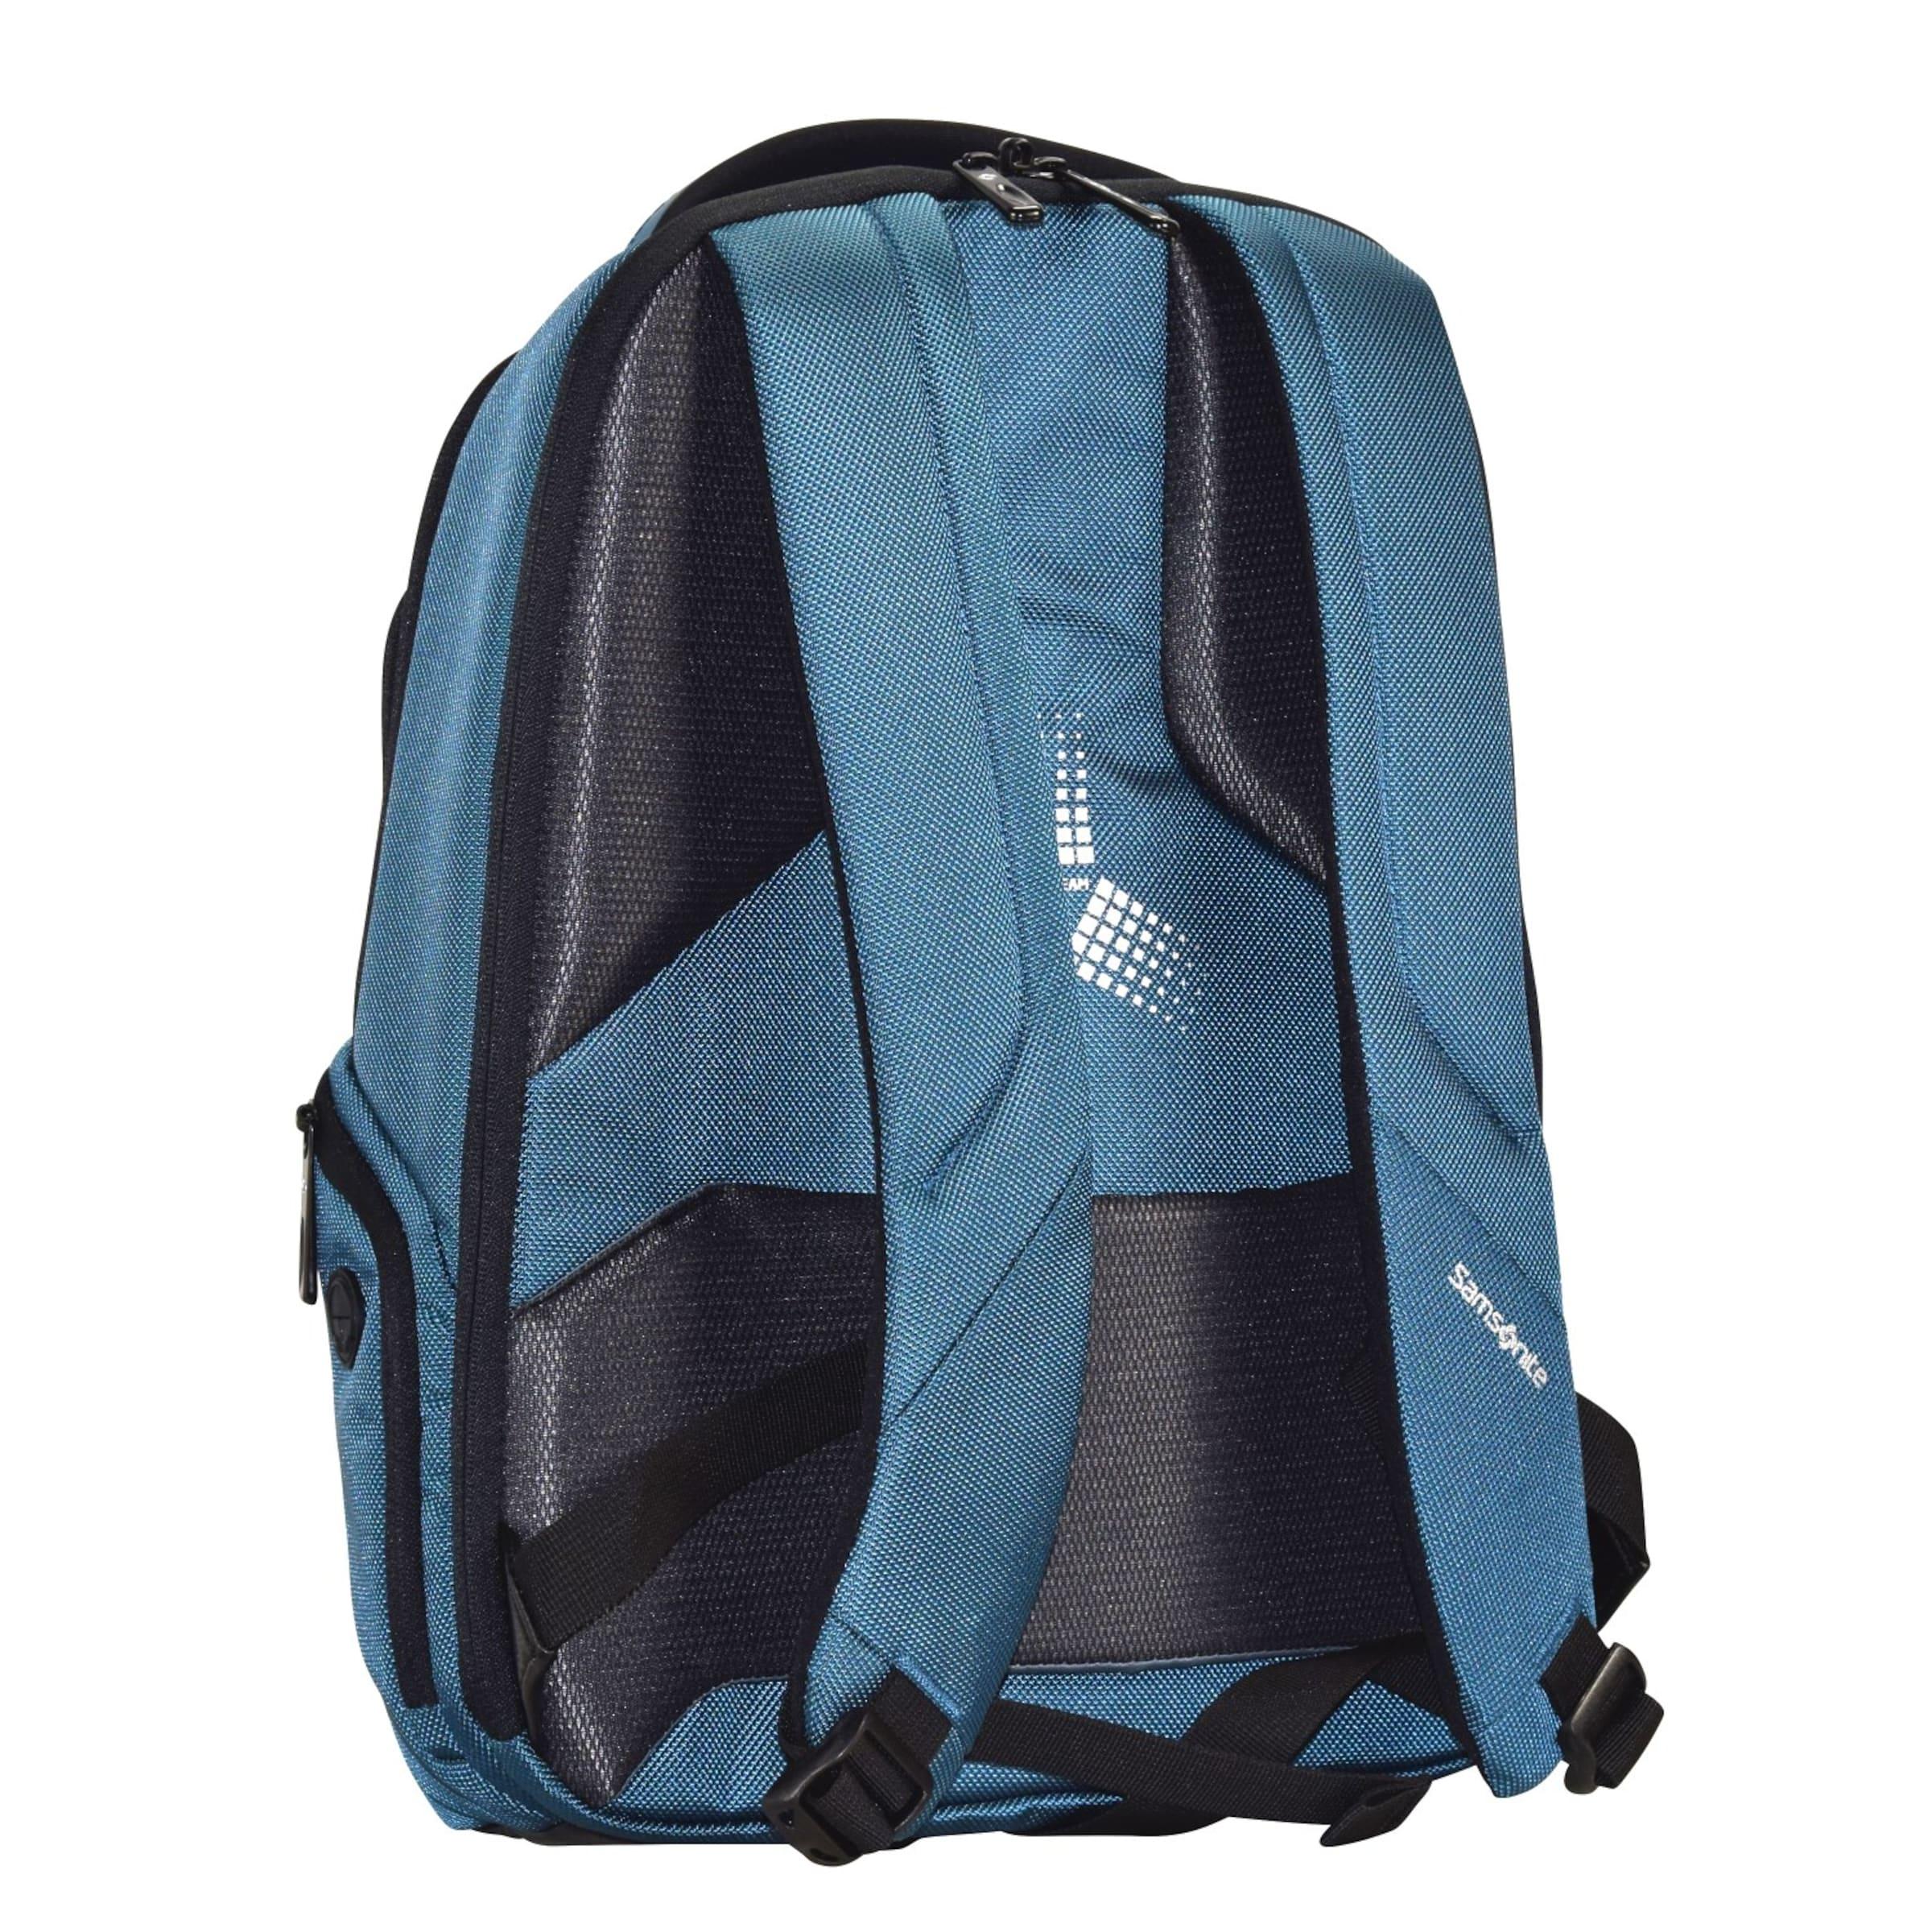 SAMSONITE Cityscape Business Rucksack 43 cm Laptopfach Günstig Kaufen Ebay LkRrnw